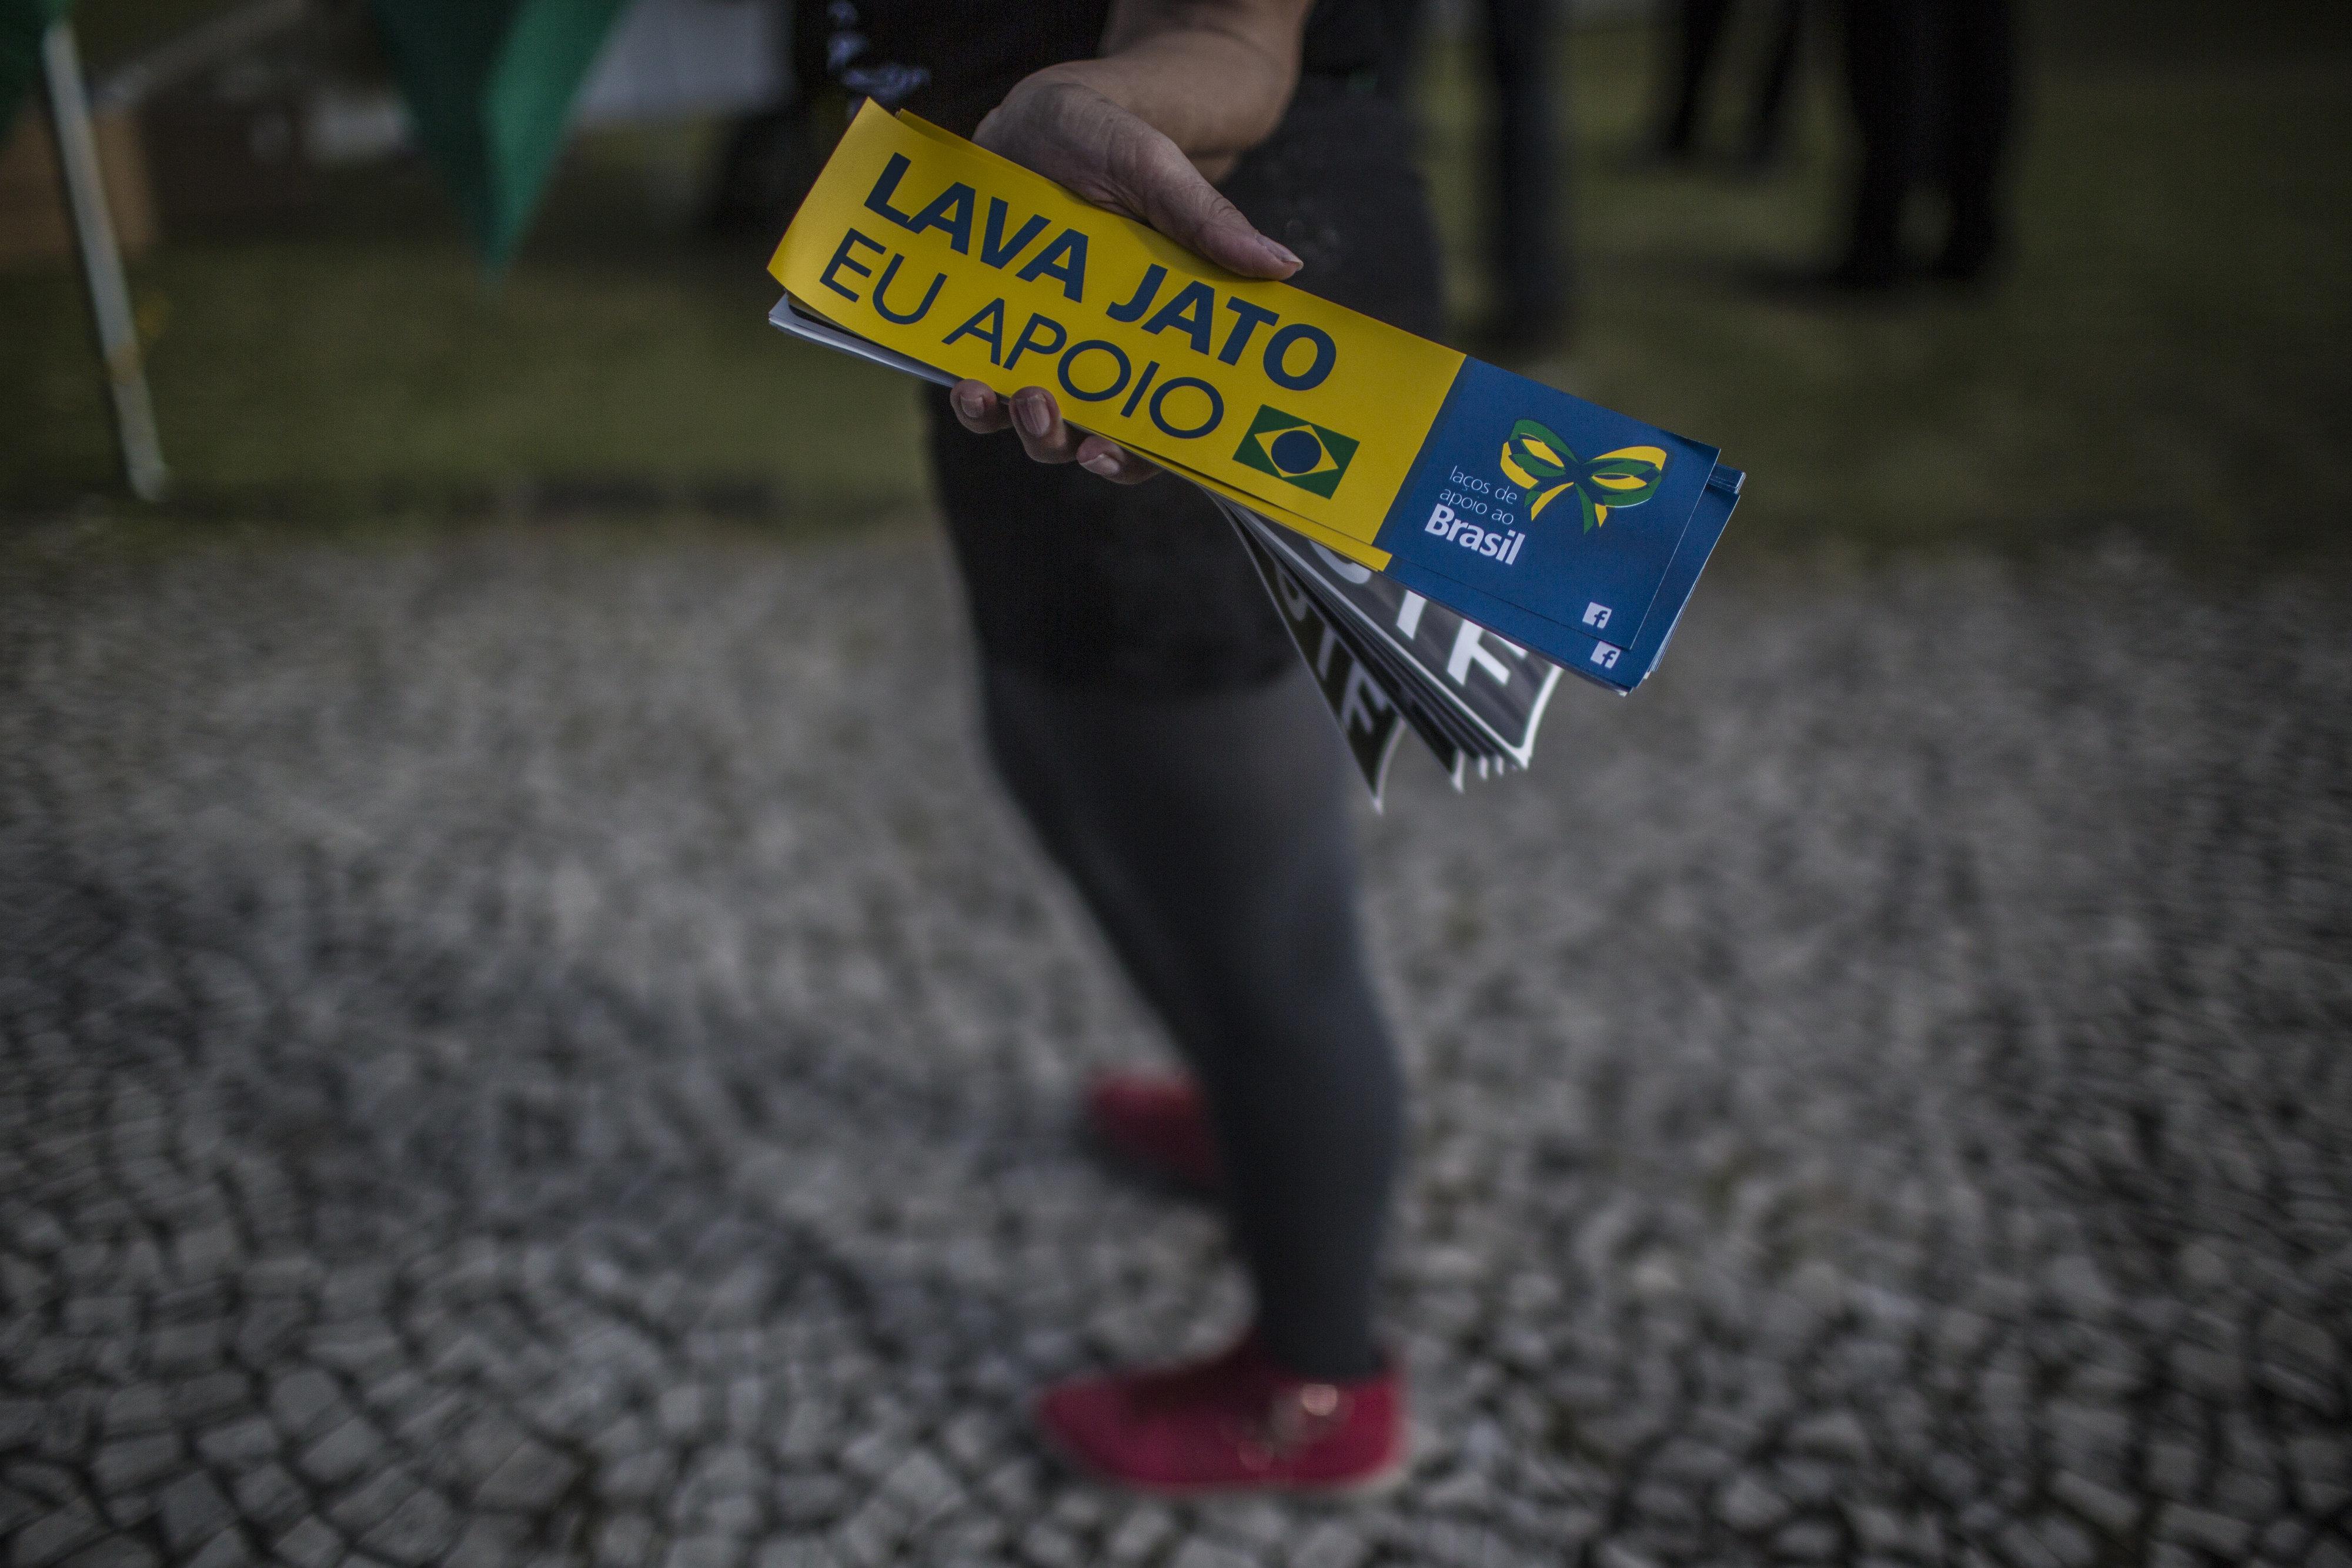 Além da Petrobras, a Lava Jato atingiu as principais empresas do País, políticos,...